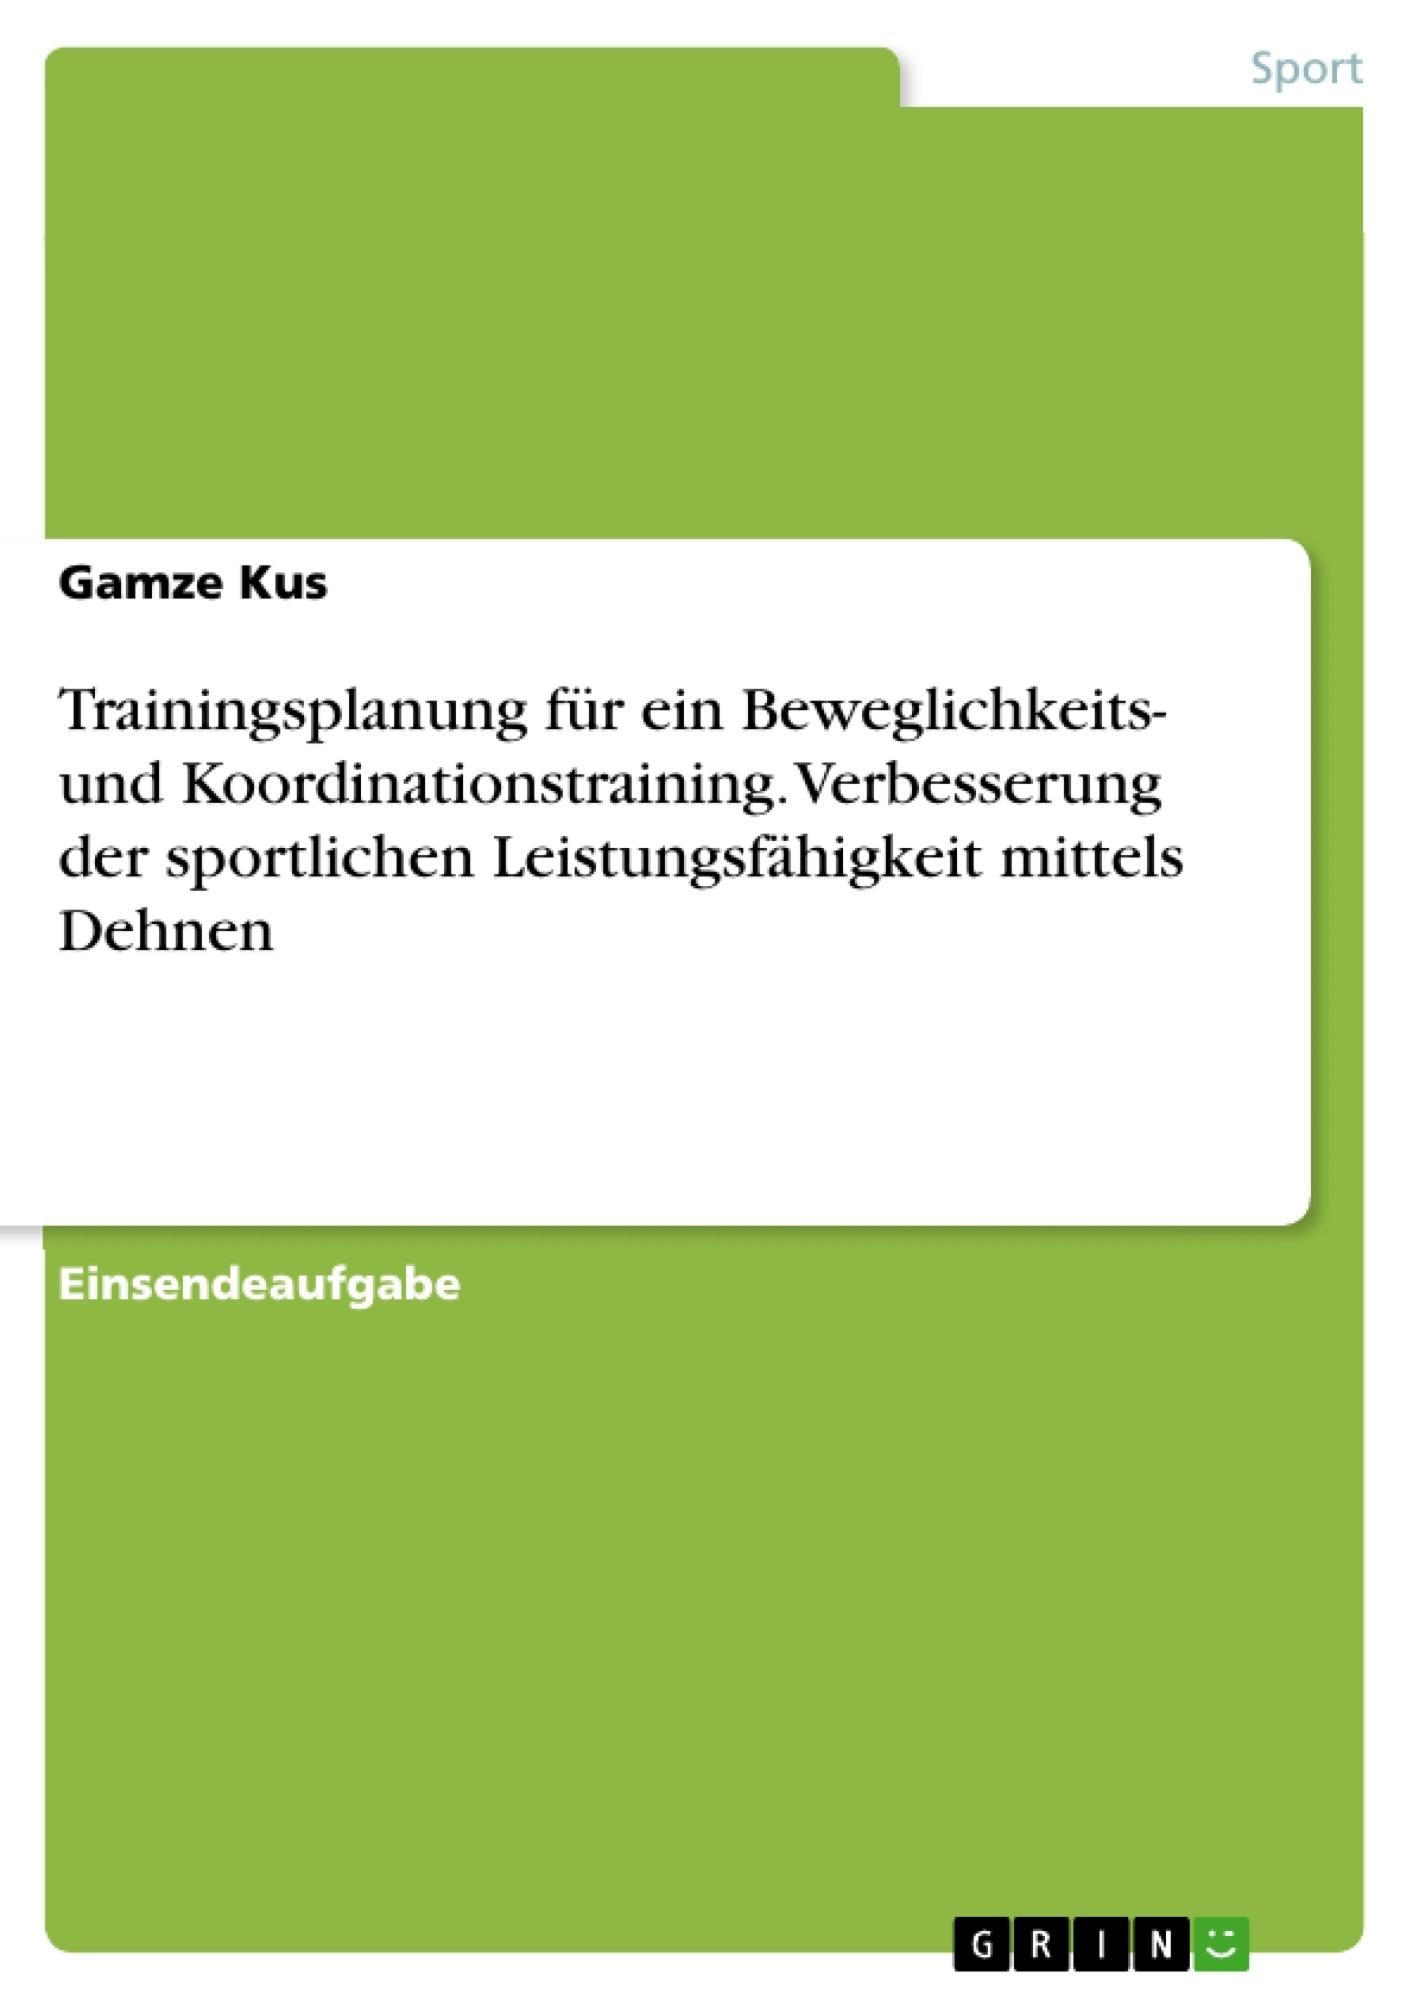 Titel: Trainingsplanung für ein Beweglichkeits- und Koordinationstraining. Verbesserung der sportlichen Leistungsfähigkeit mittels Dehnen